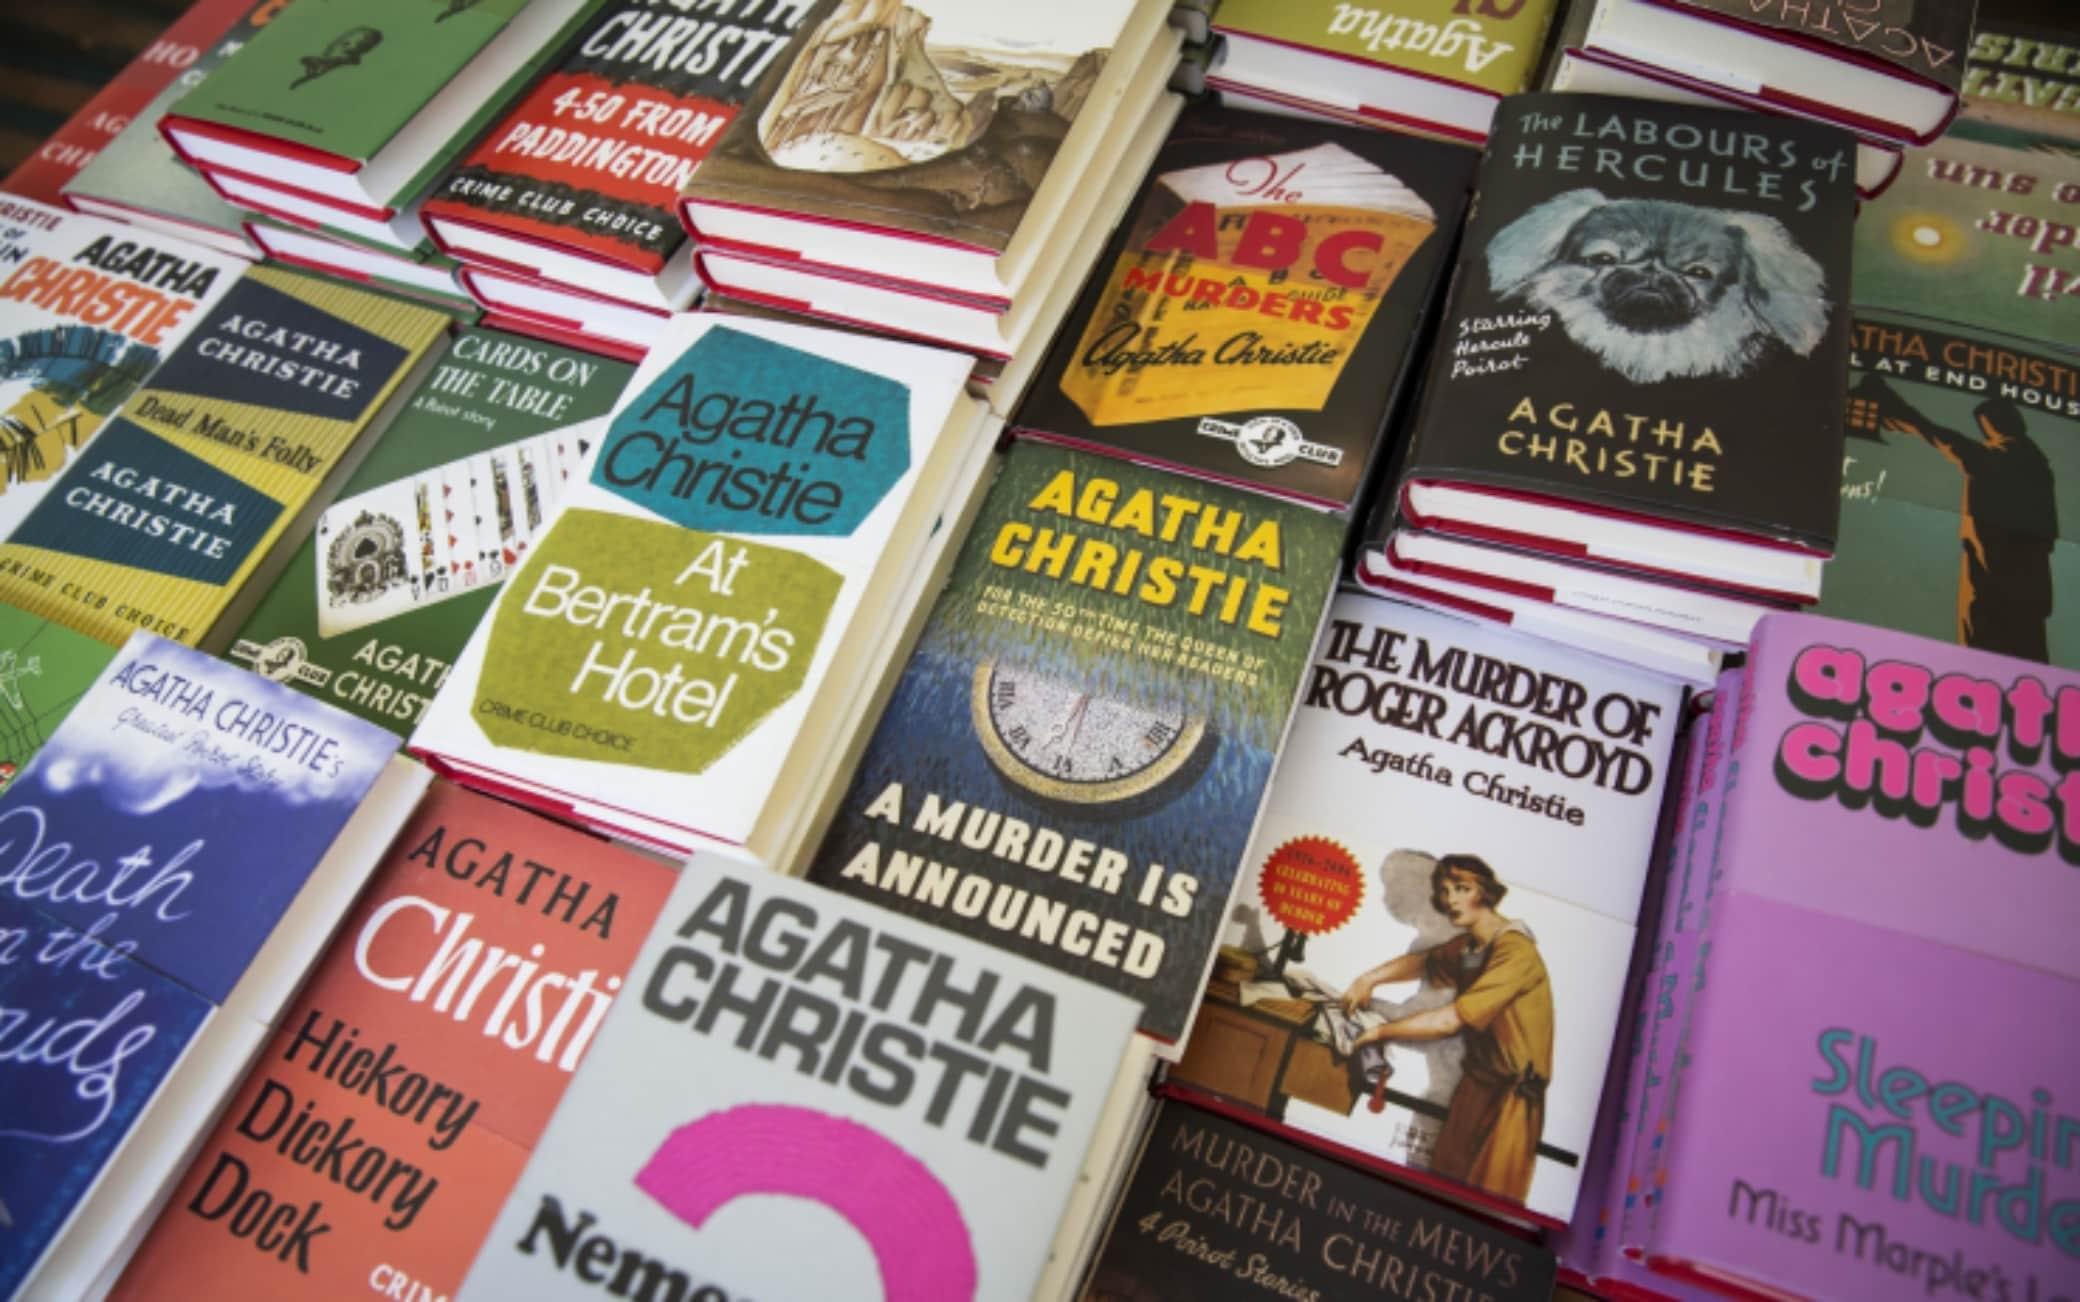 I libri di Agatha Christie